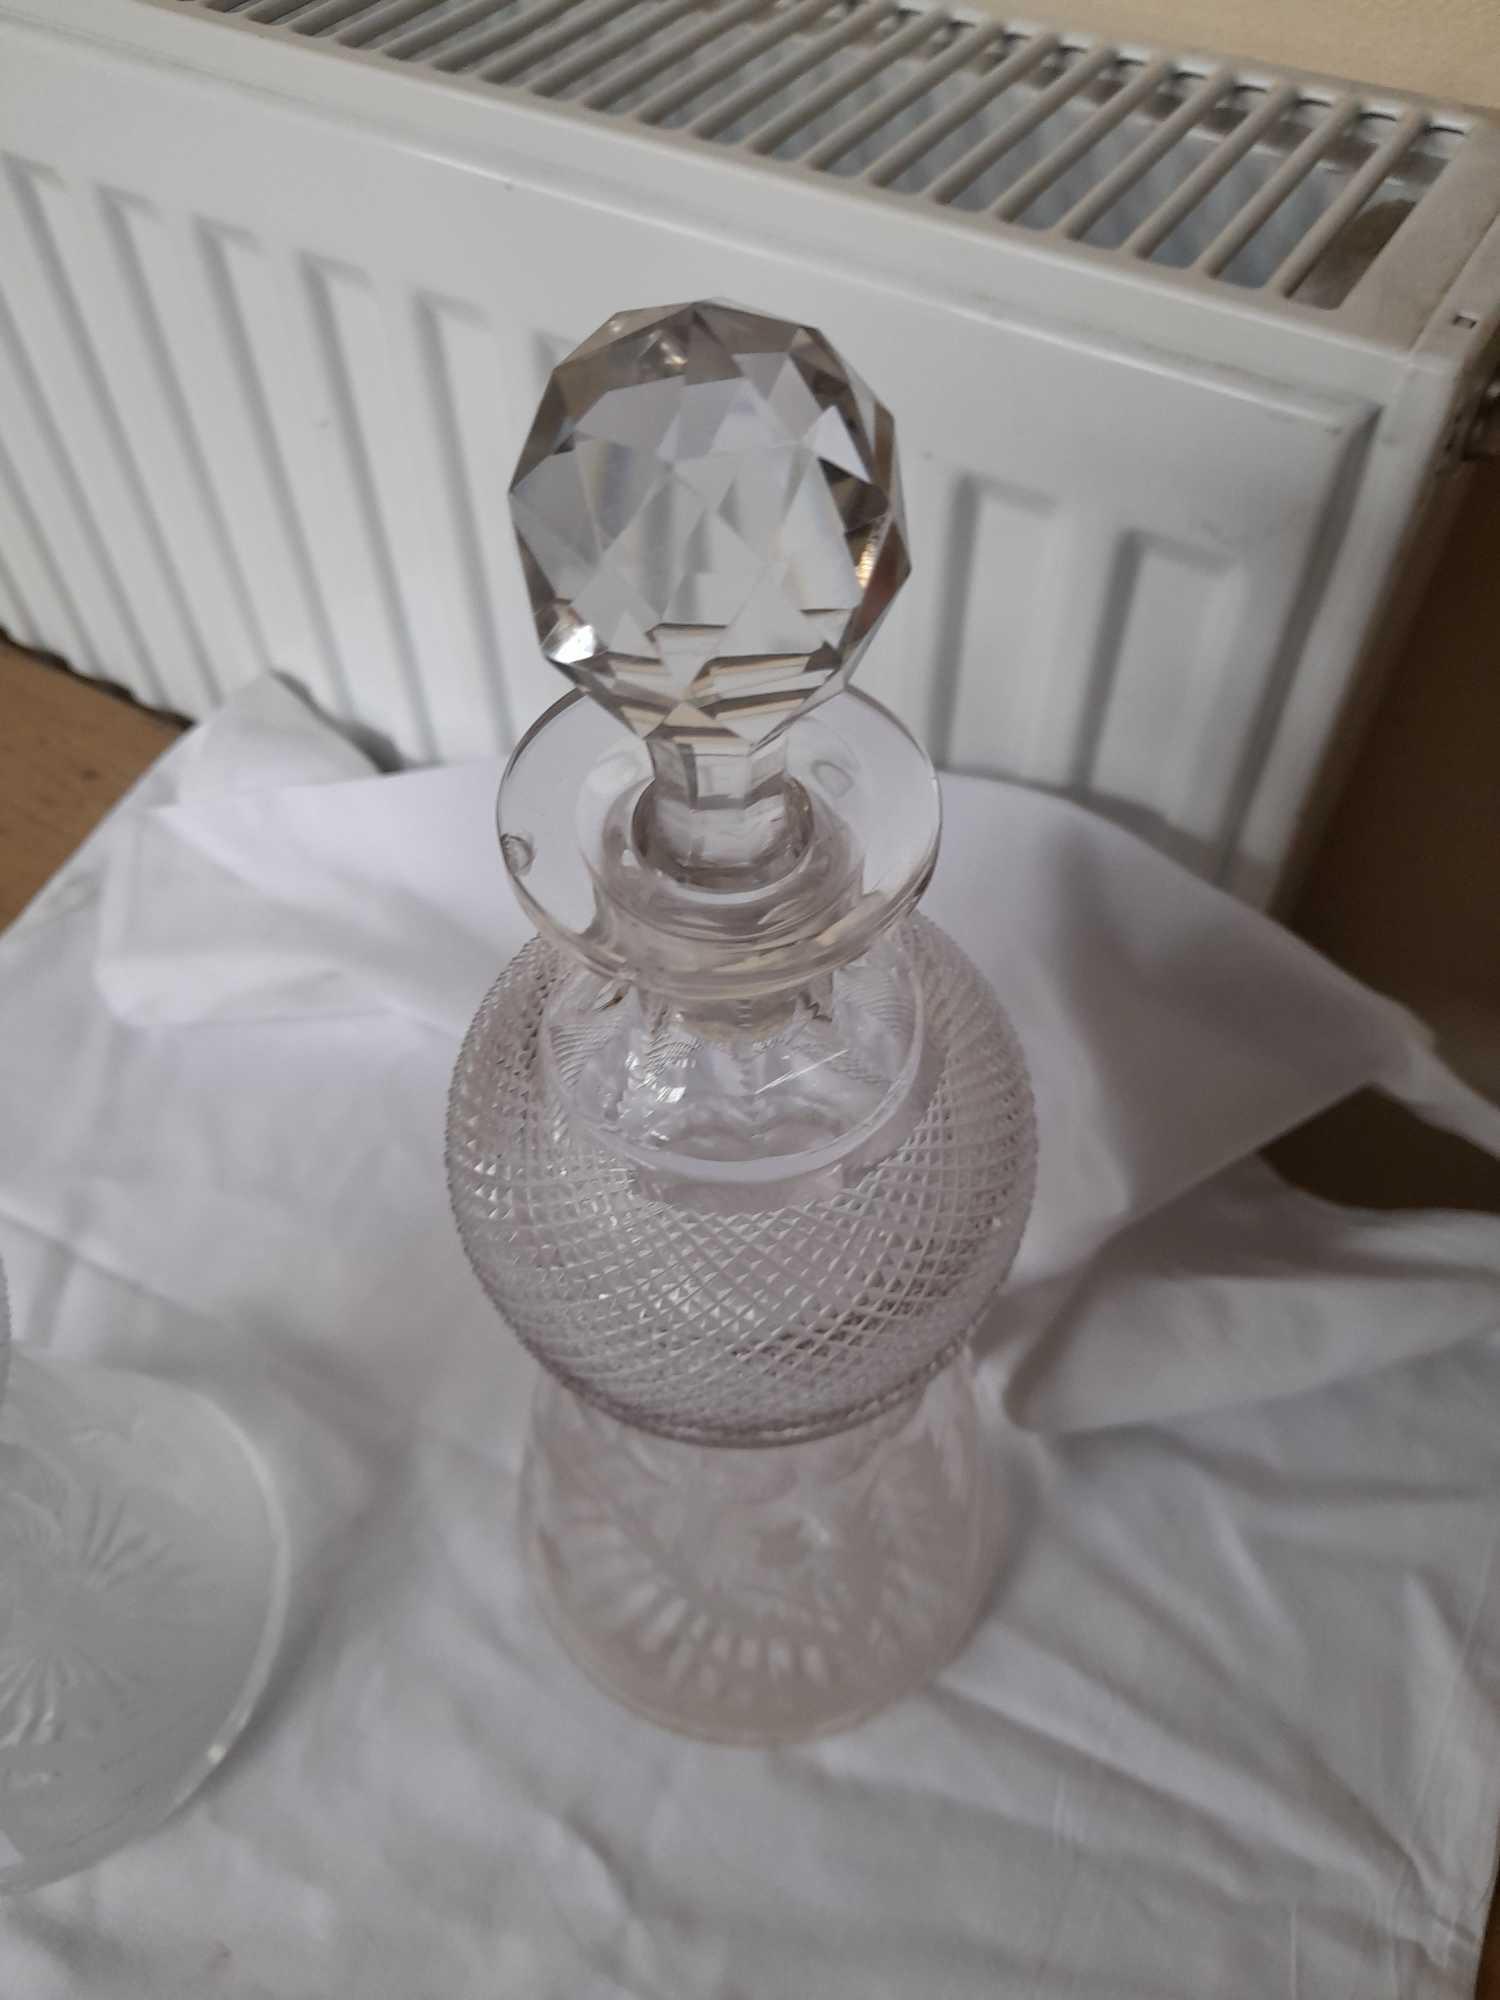 2 DECANTERS & GLASSES ETC (AF) - Image 10 of 10